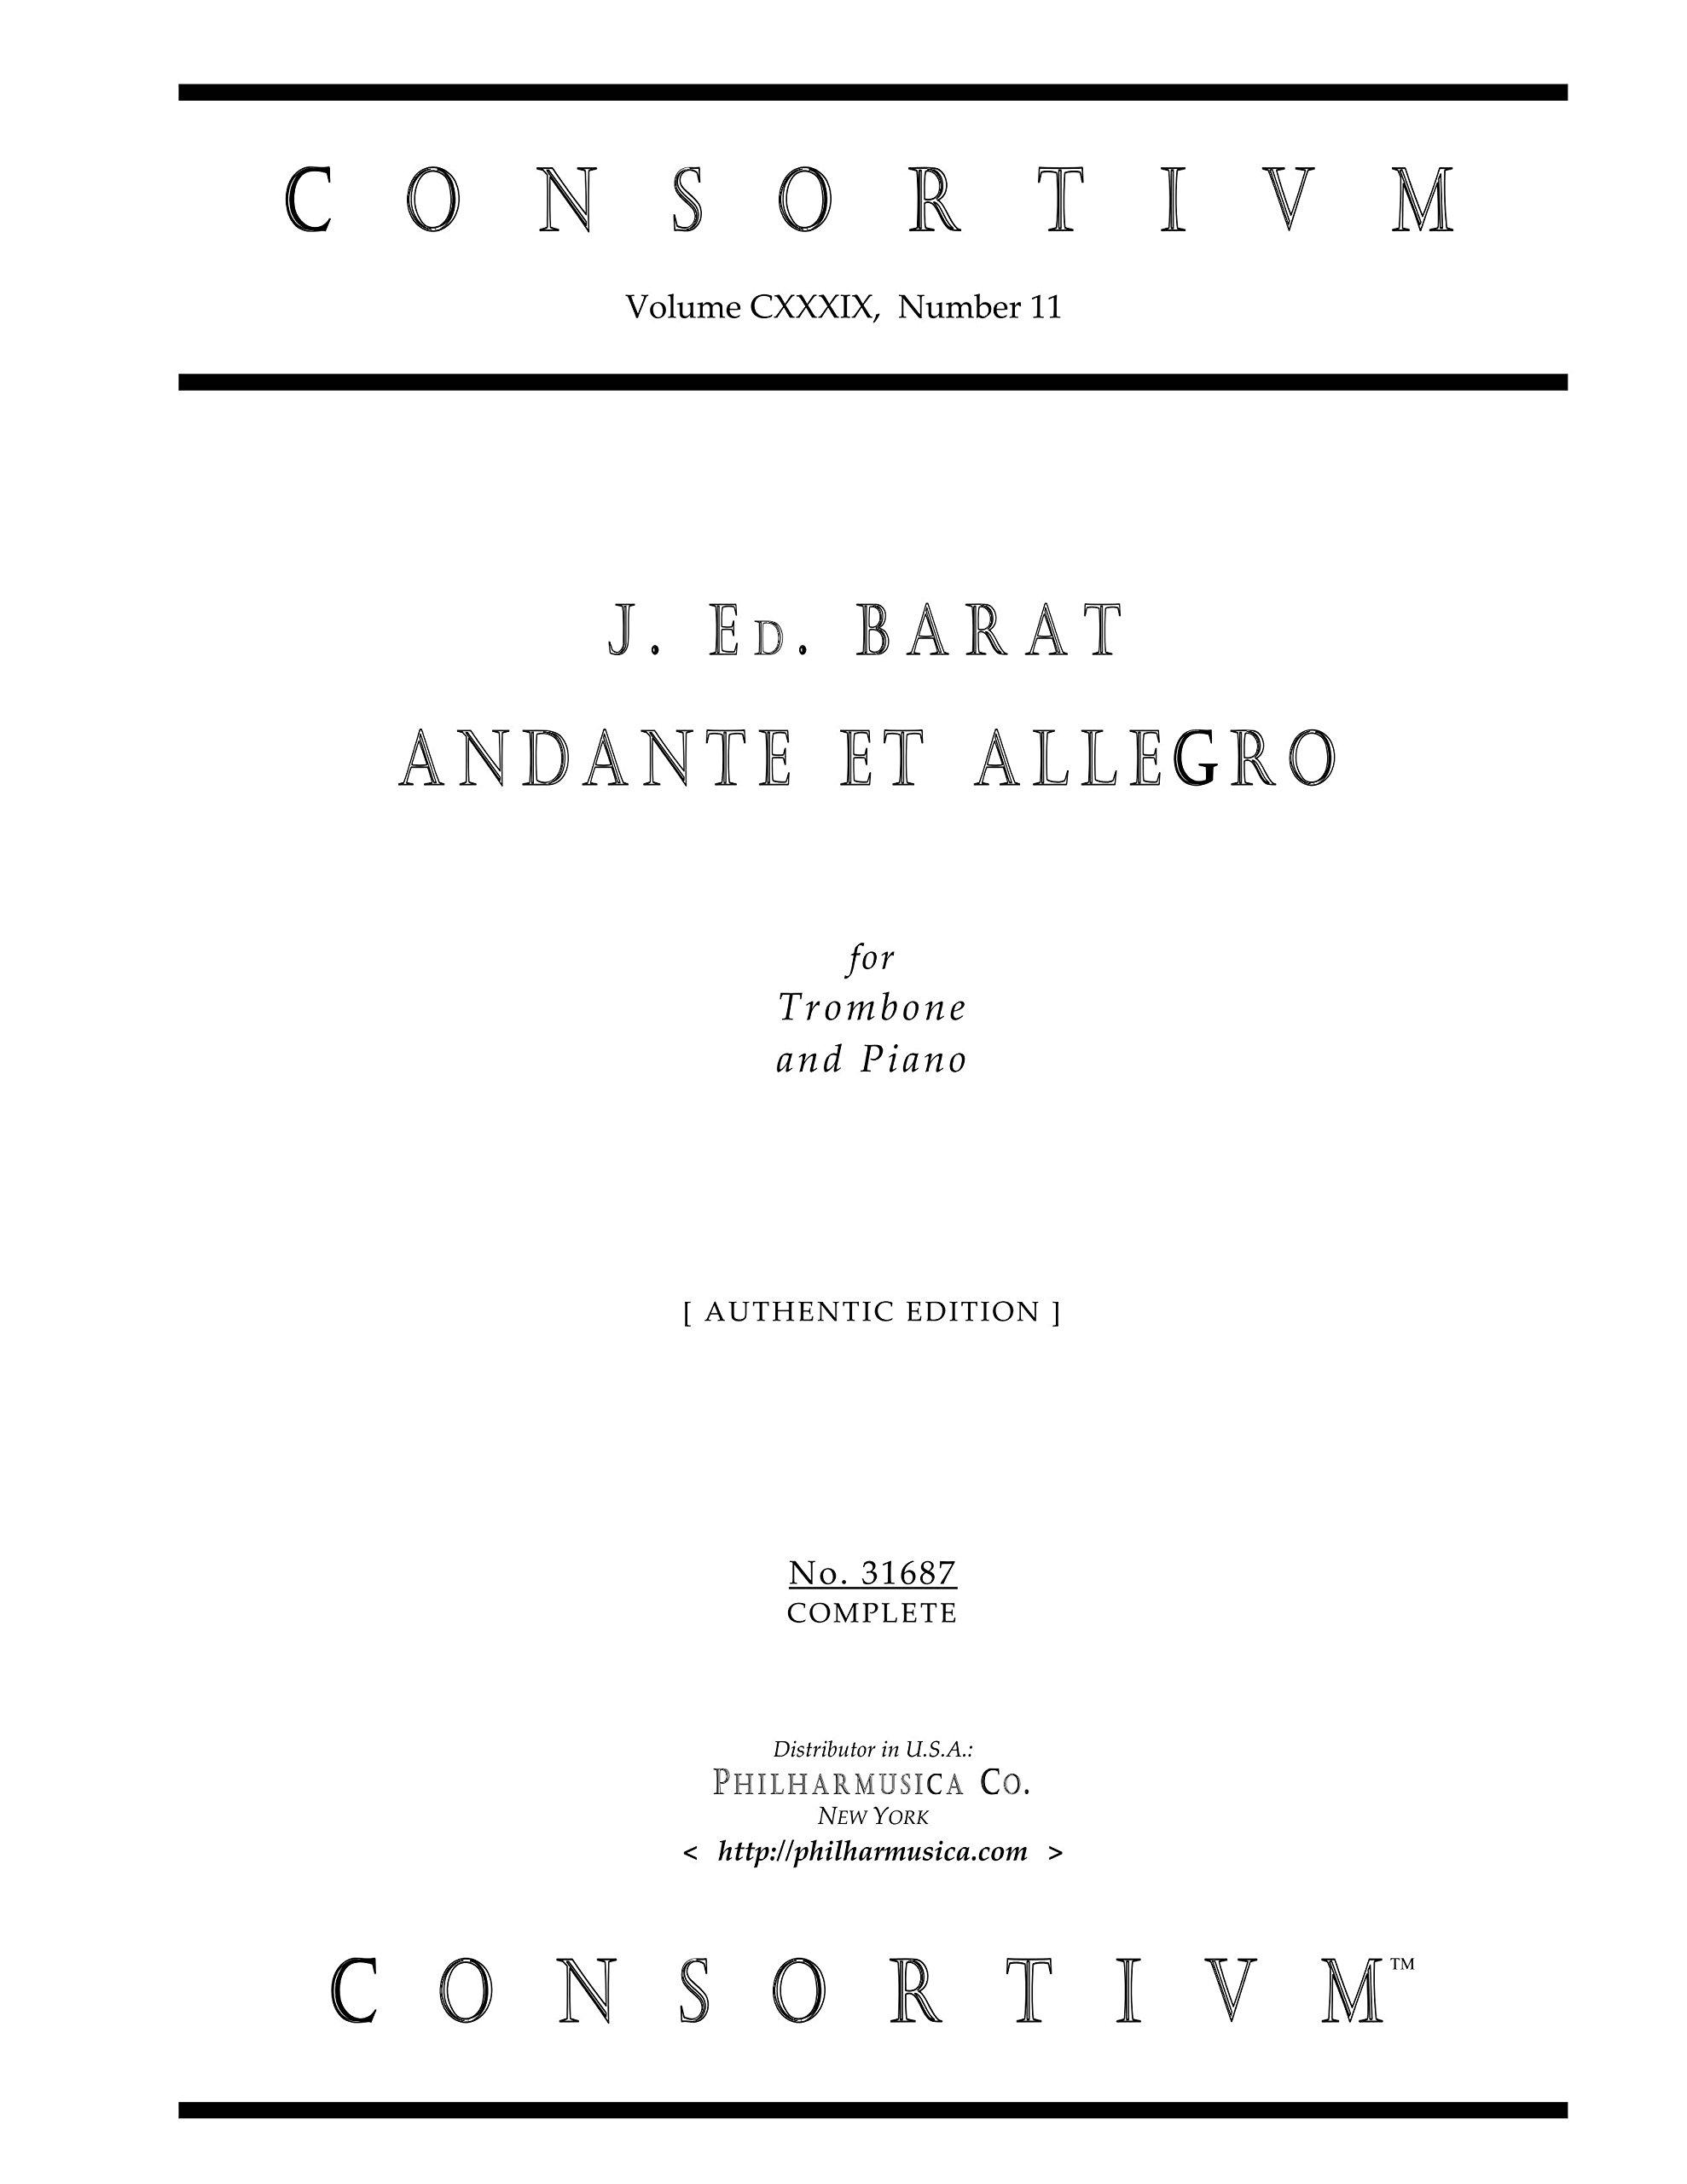 ANDANTE ET ALLEGRO for Trombone and Piano (authentic edition) (Consortium 31687) pdf epub